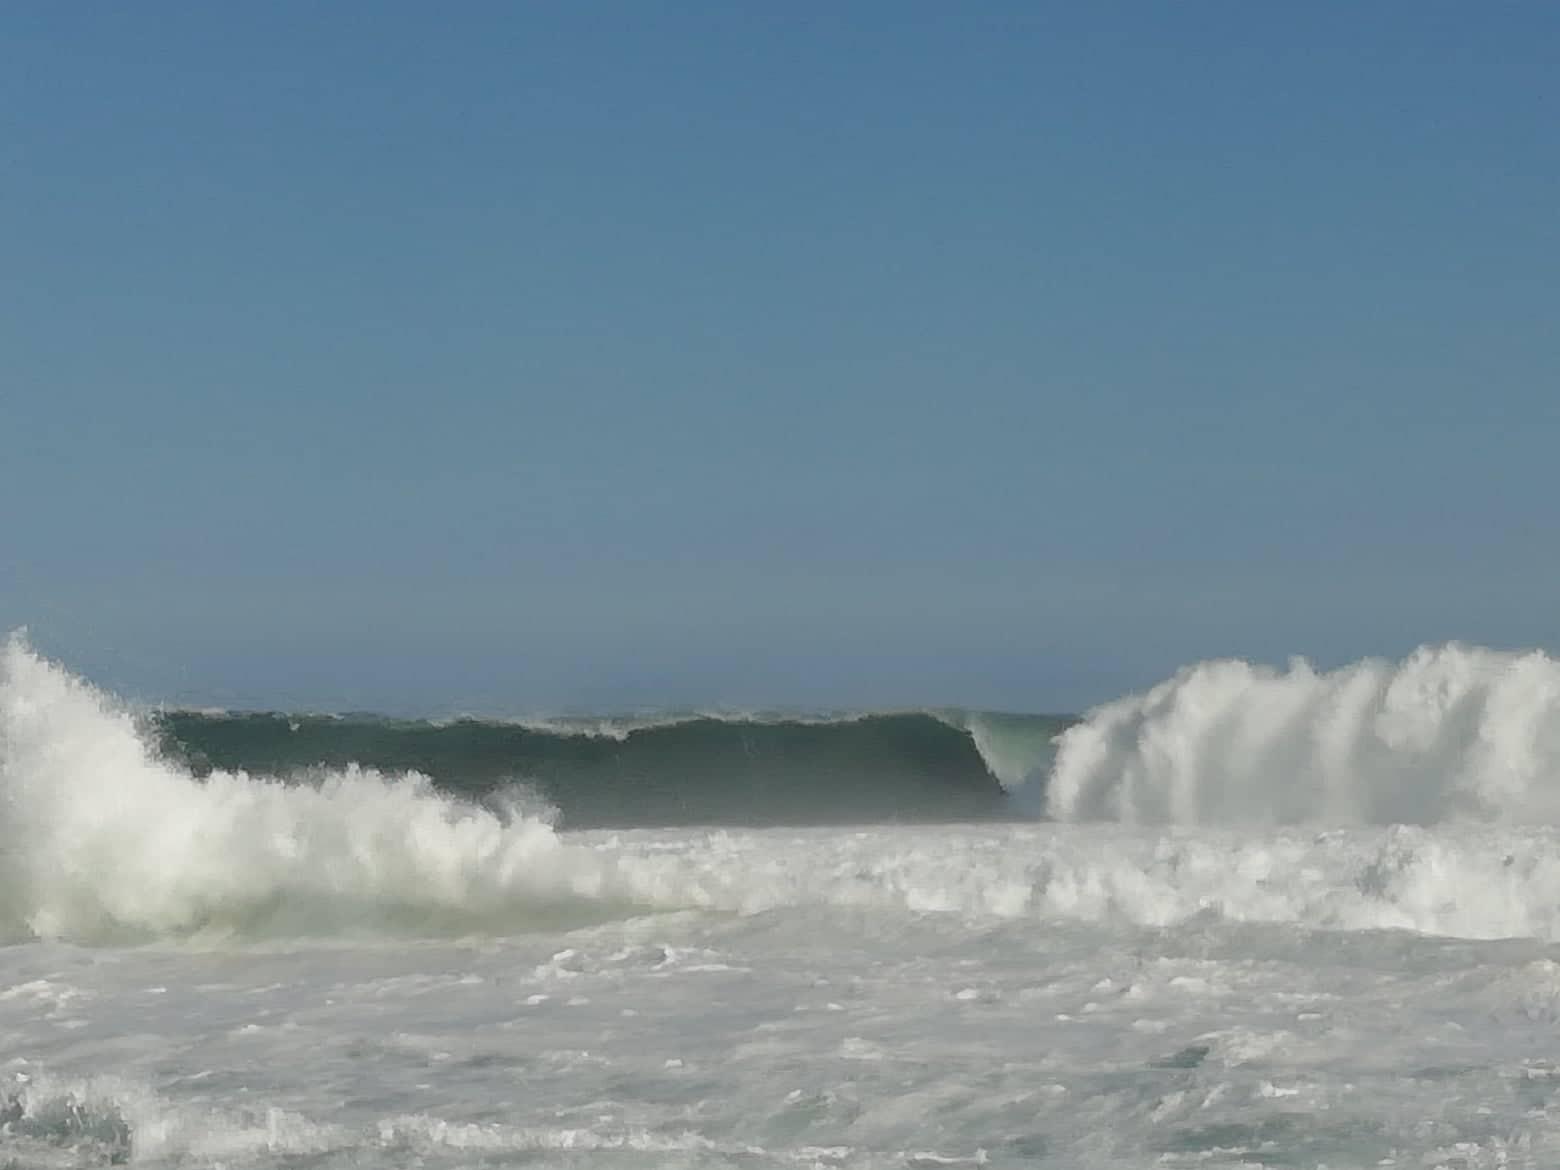 La houle grossissait dans le Port de Saint Pierre cet après midi. Photo de Patrice BLANCHETIERE.